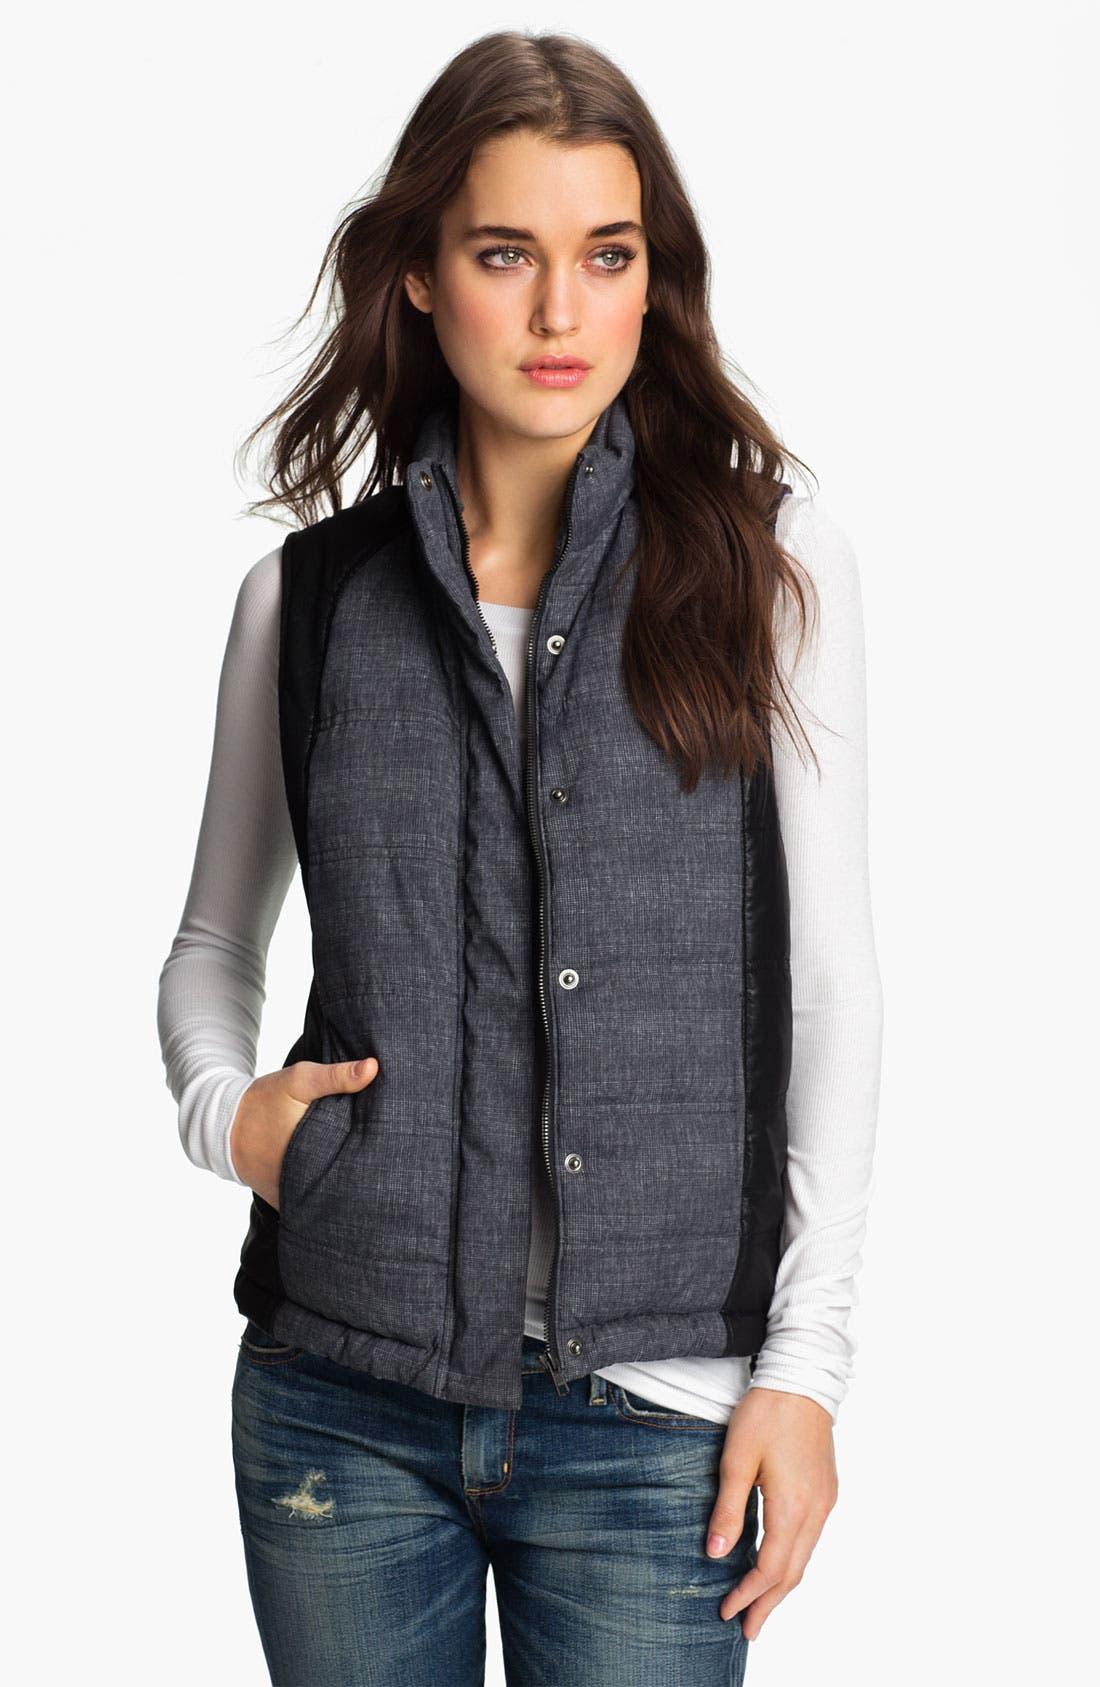 Alternate Image 1 Selected - Trouvé Colorblock Plaid Puffy Vest